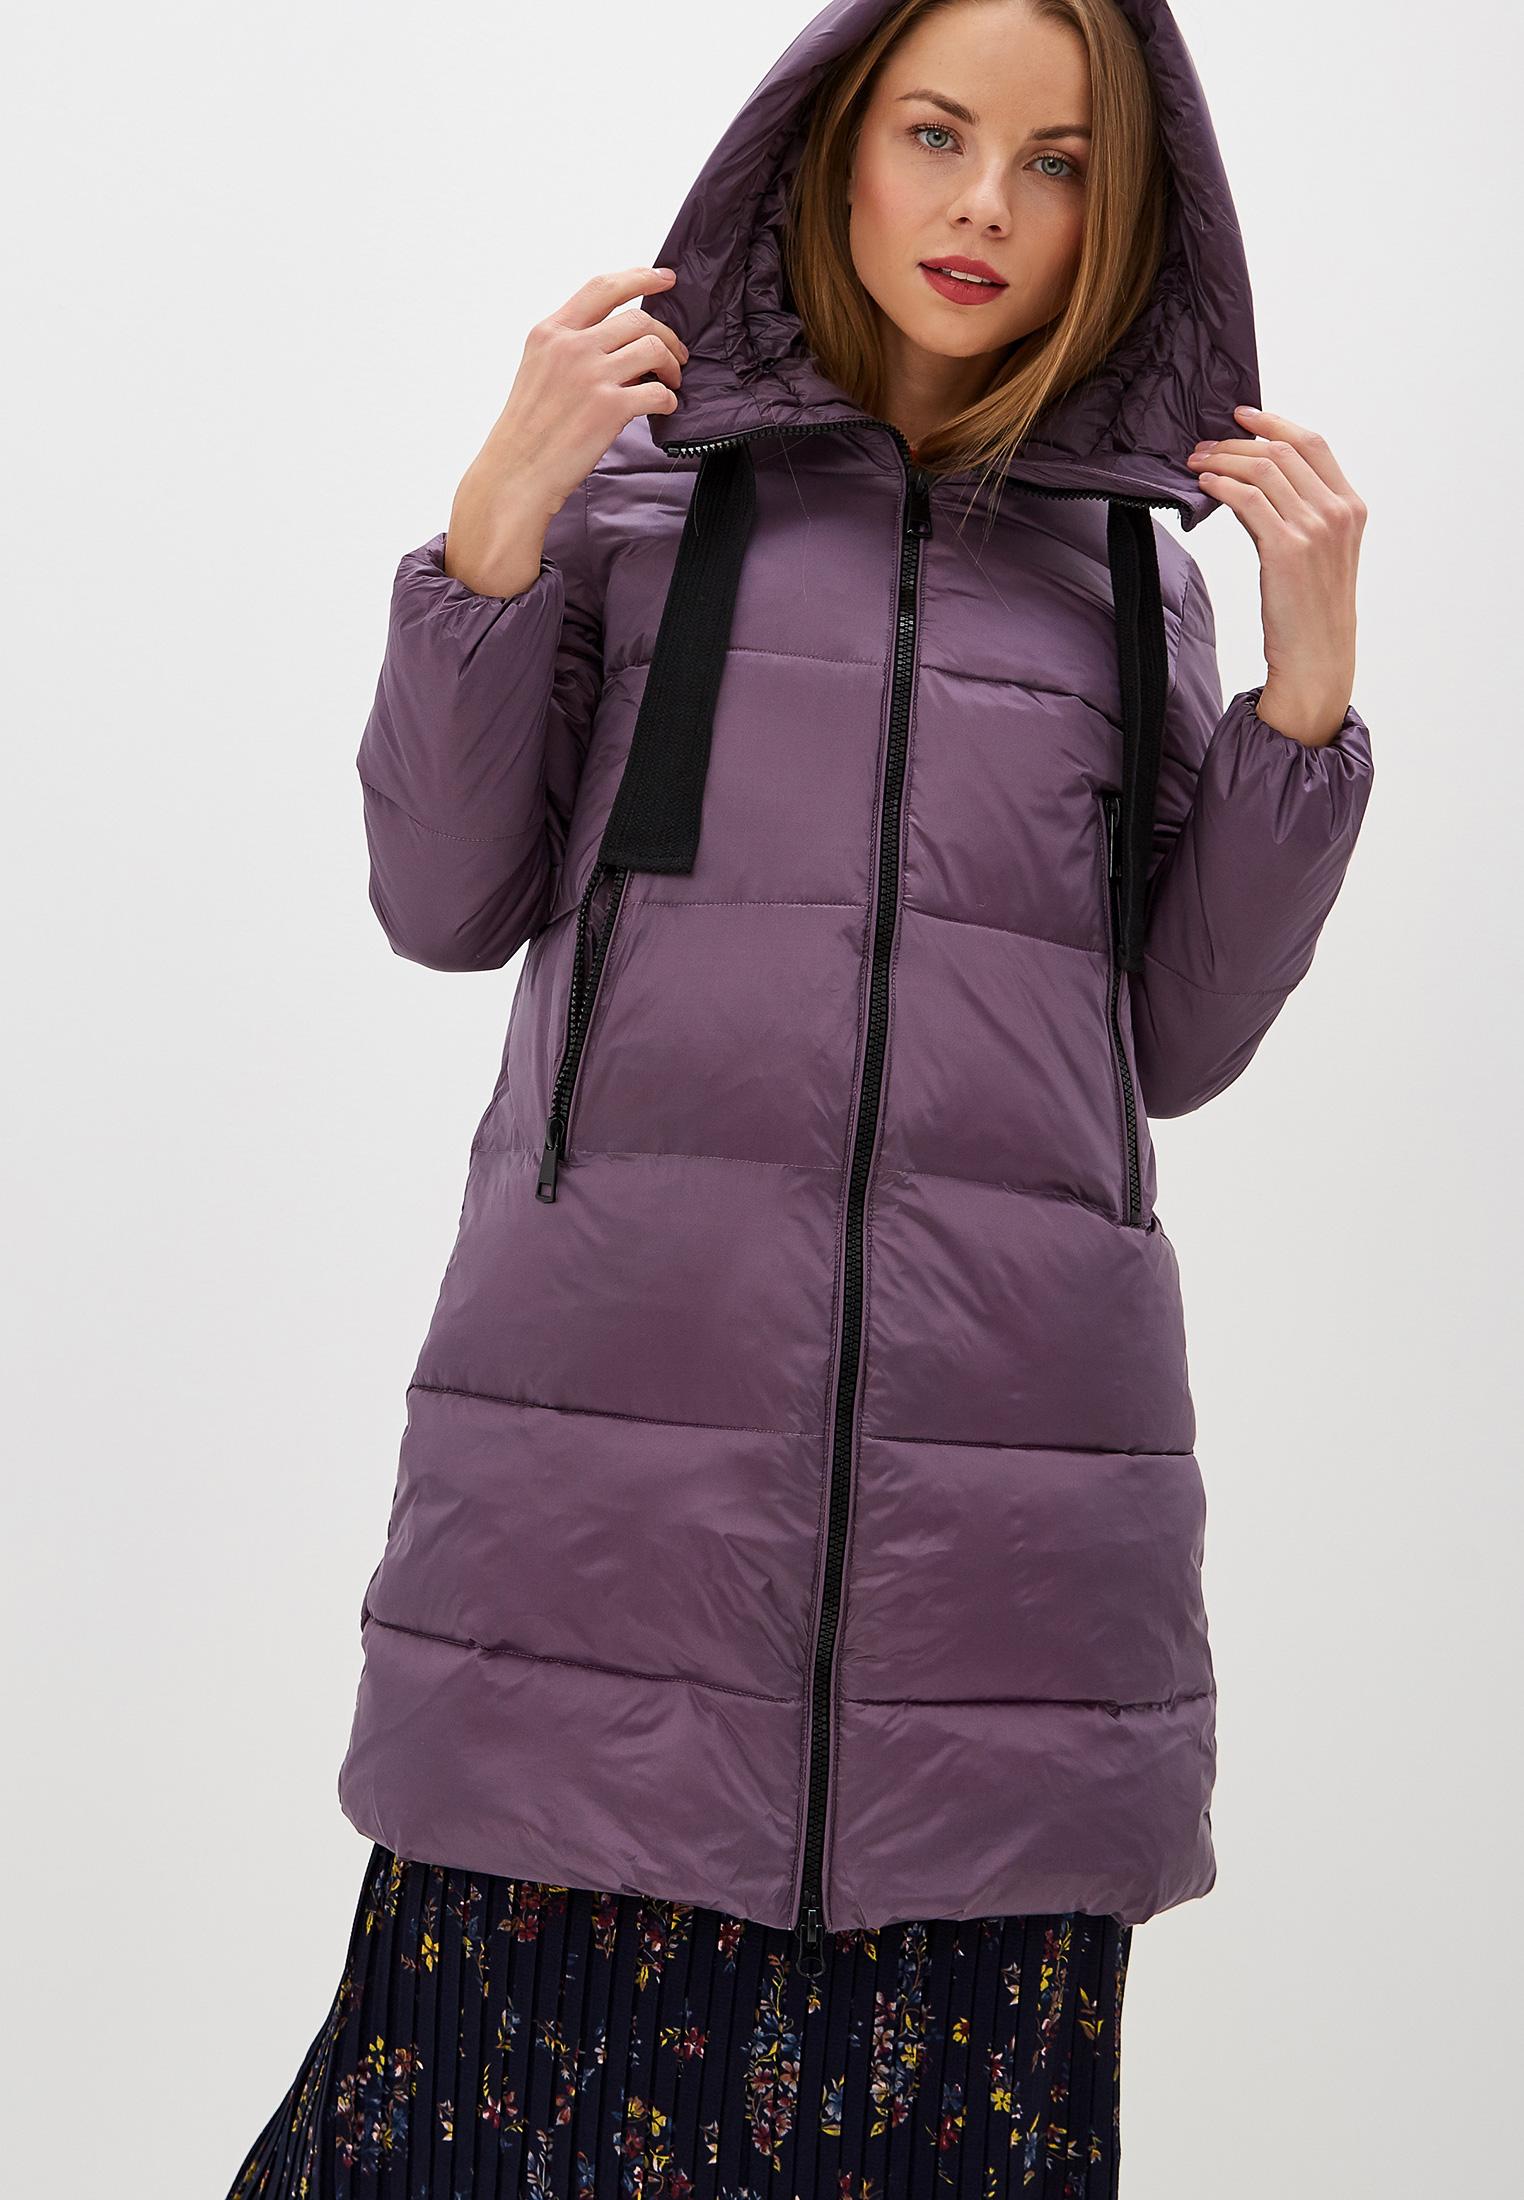 Куртка утепленная, Savage, цвет: фиолетовый. Артикул: SA004EWGESD5. Одежда / Верхняя одежда / Пуховики и зимние куртки